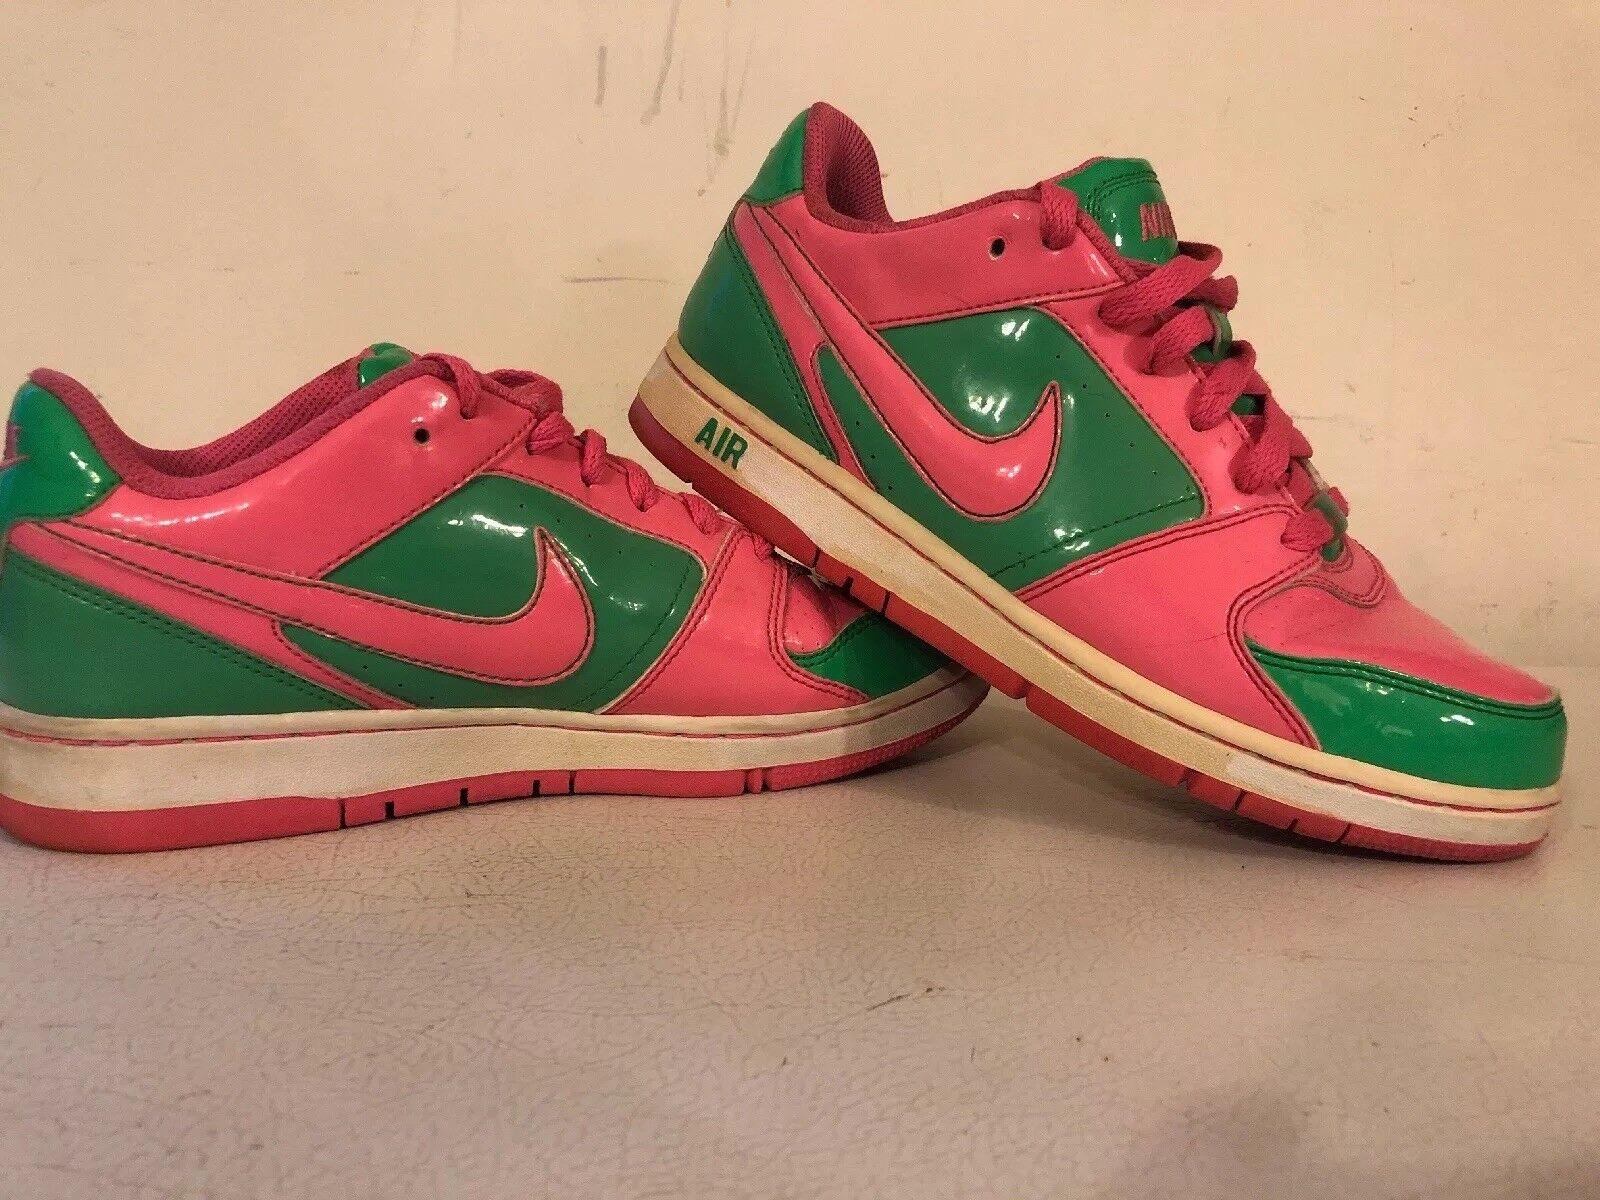 nike air prestige donne rosa rosa rosa verde atletico scarpe 318972-361 misura 7,5 | Aspetto piacevole  | Nuovo Prodotto 2019  | Scolaro/Signora Scarpa  | Scolaro/Signora Scarpa  | Scolaro/Ragazze Scarpa  574c4b